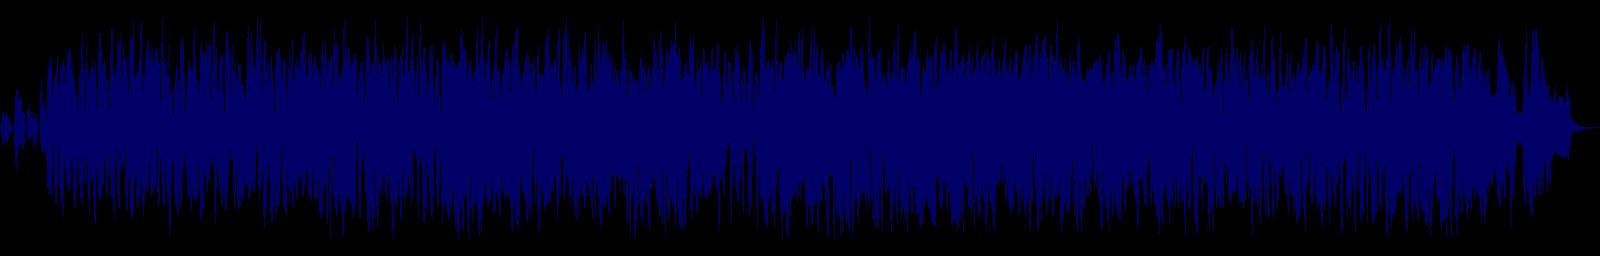 waveform of track #128800